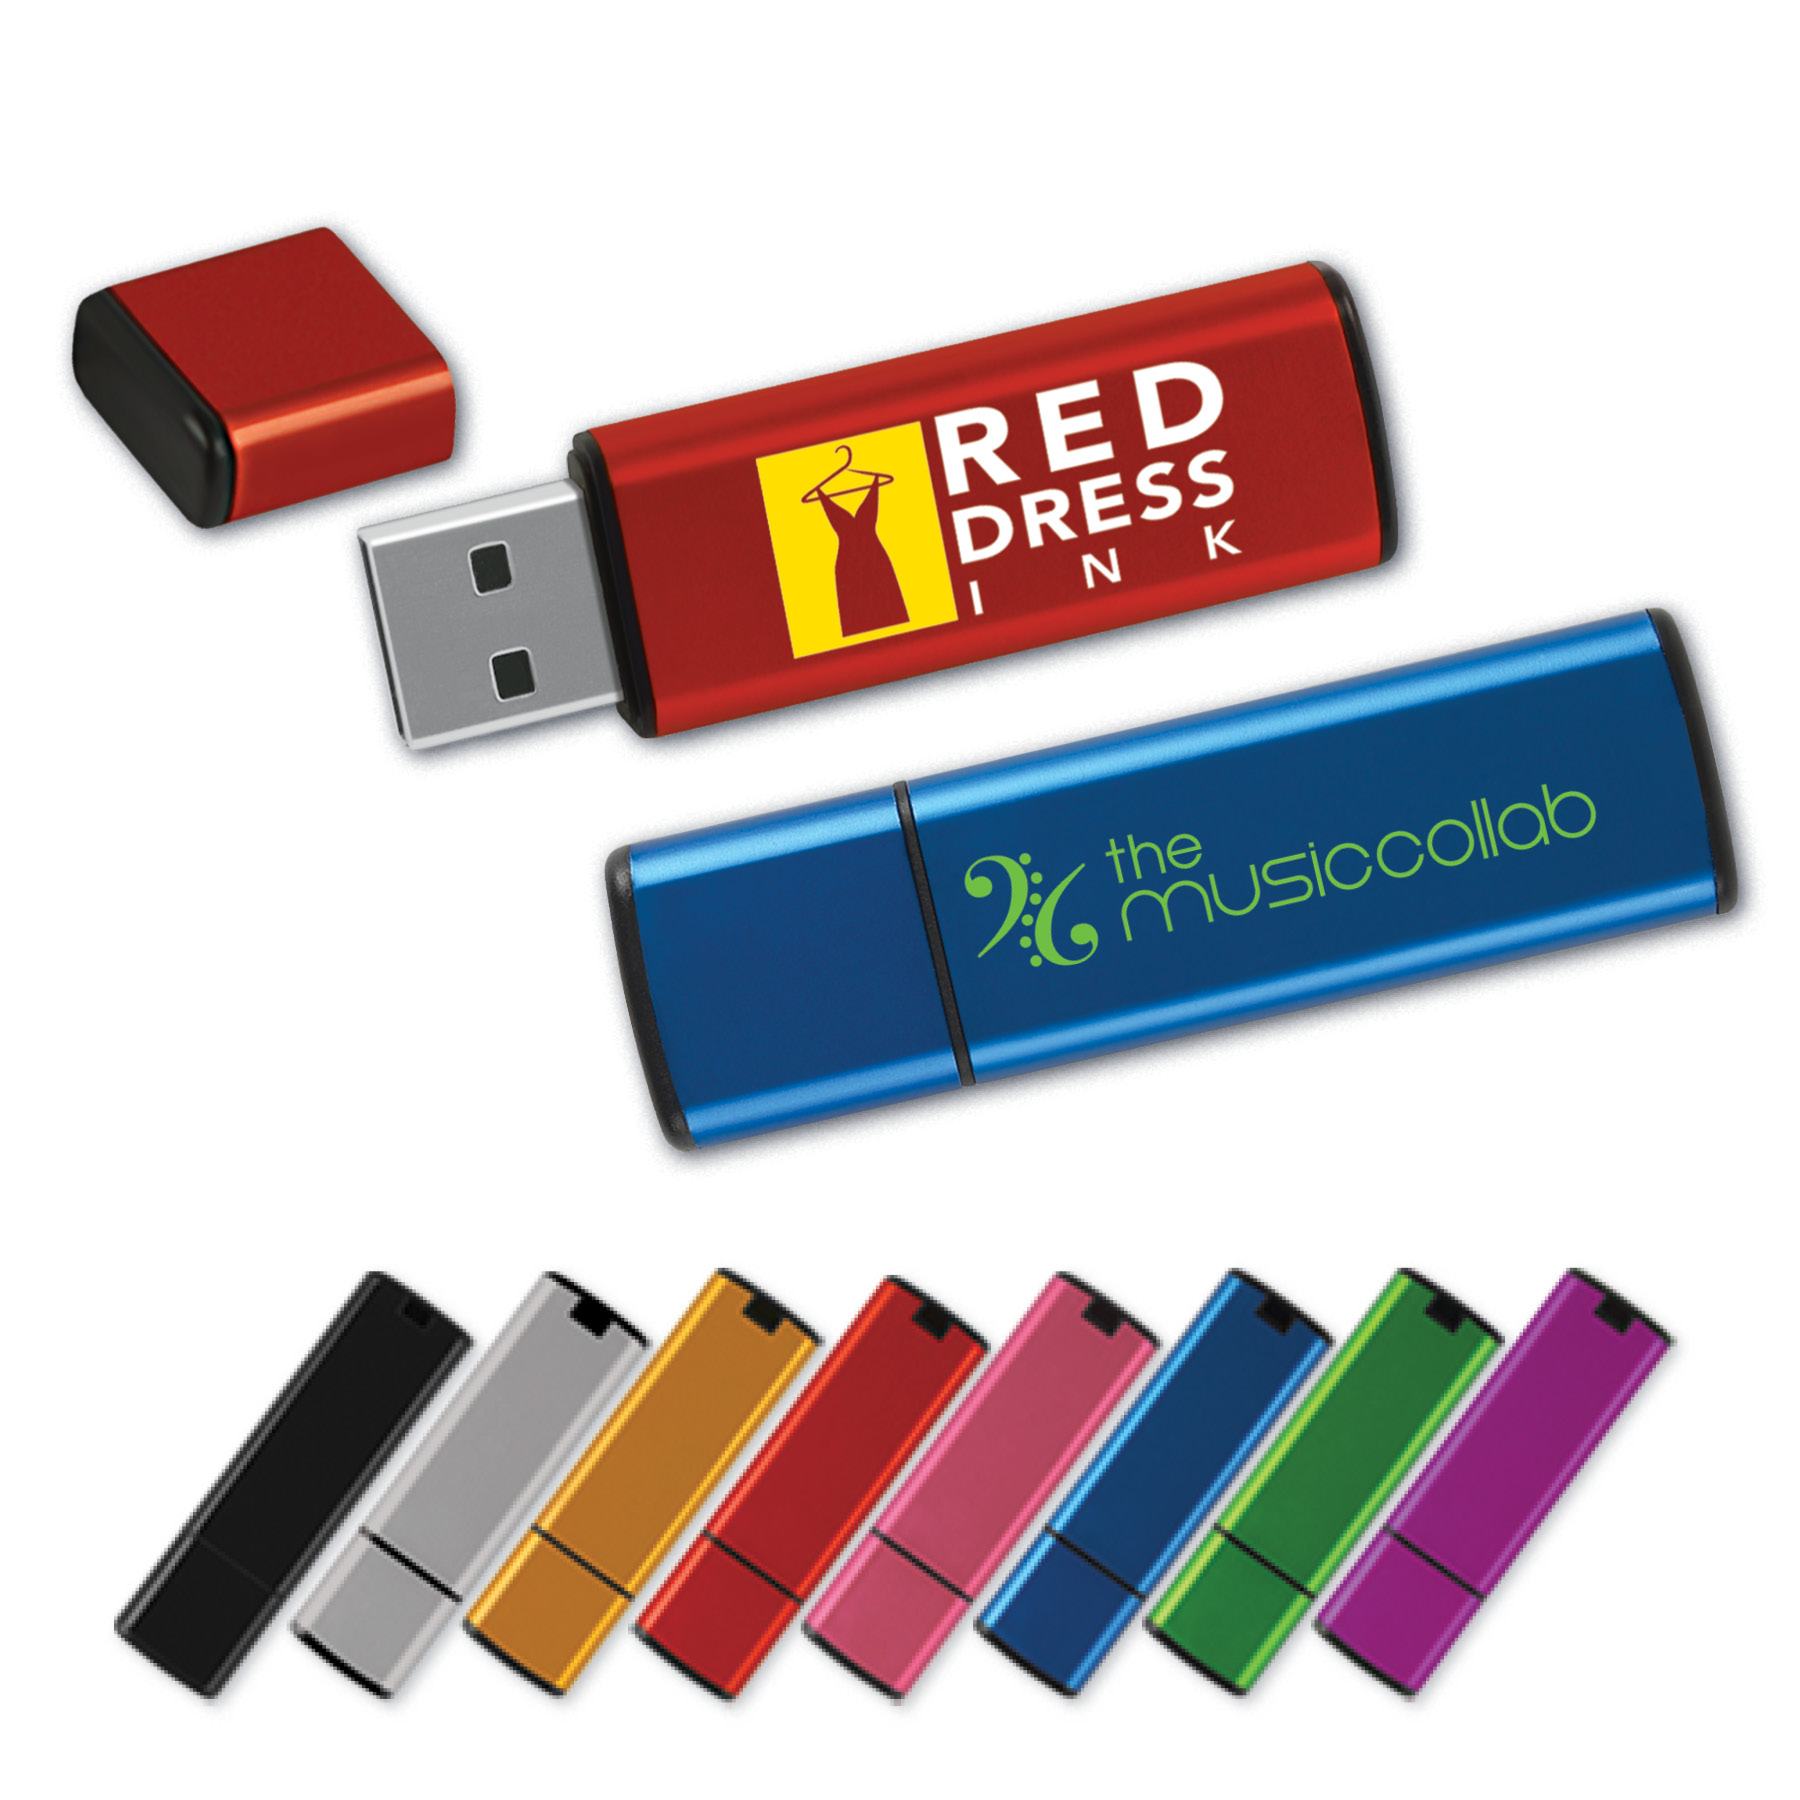 KFAIO-USBAB-16GB